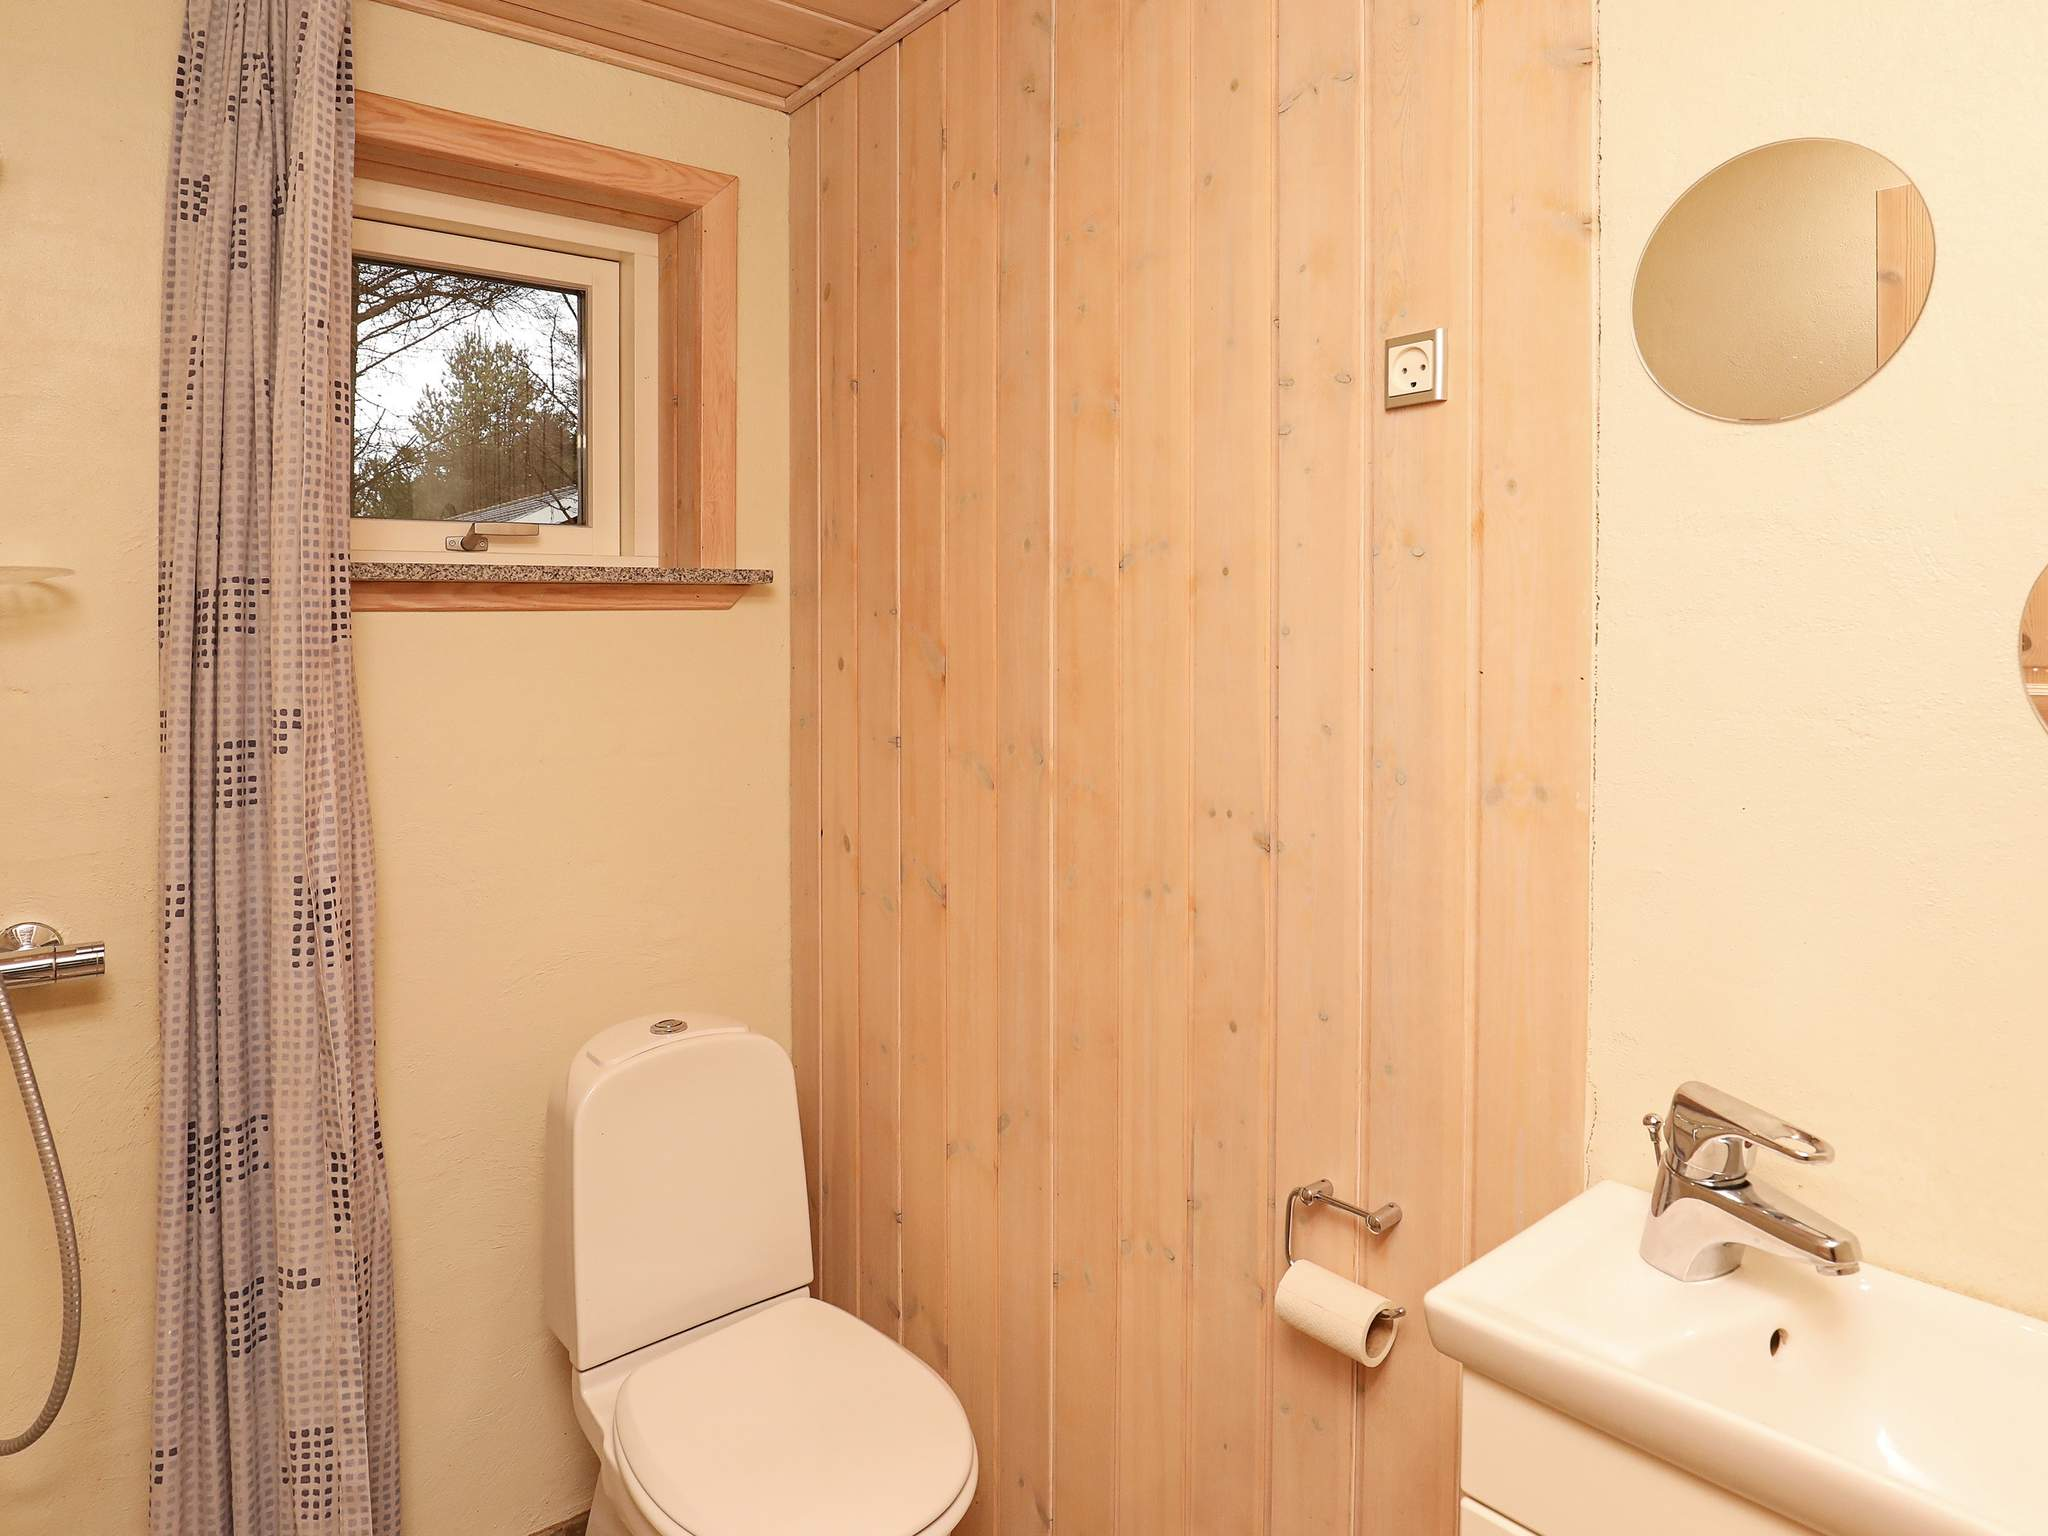 Ferienhaus Lodskovvad (683644), Lodskovvad, , Nordostjütland, Dänemark, Bild 10